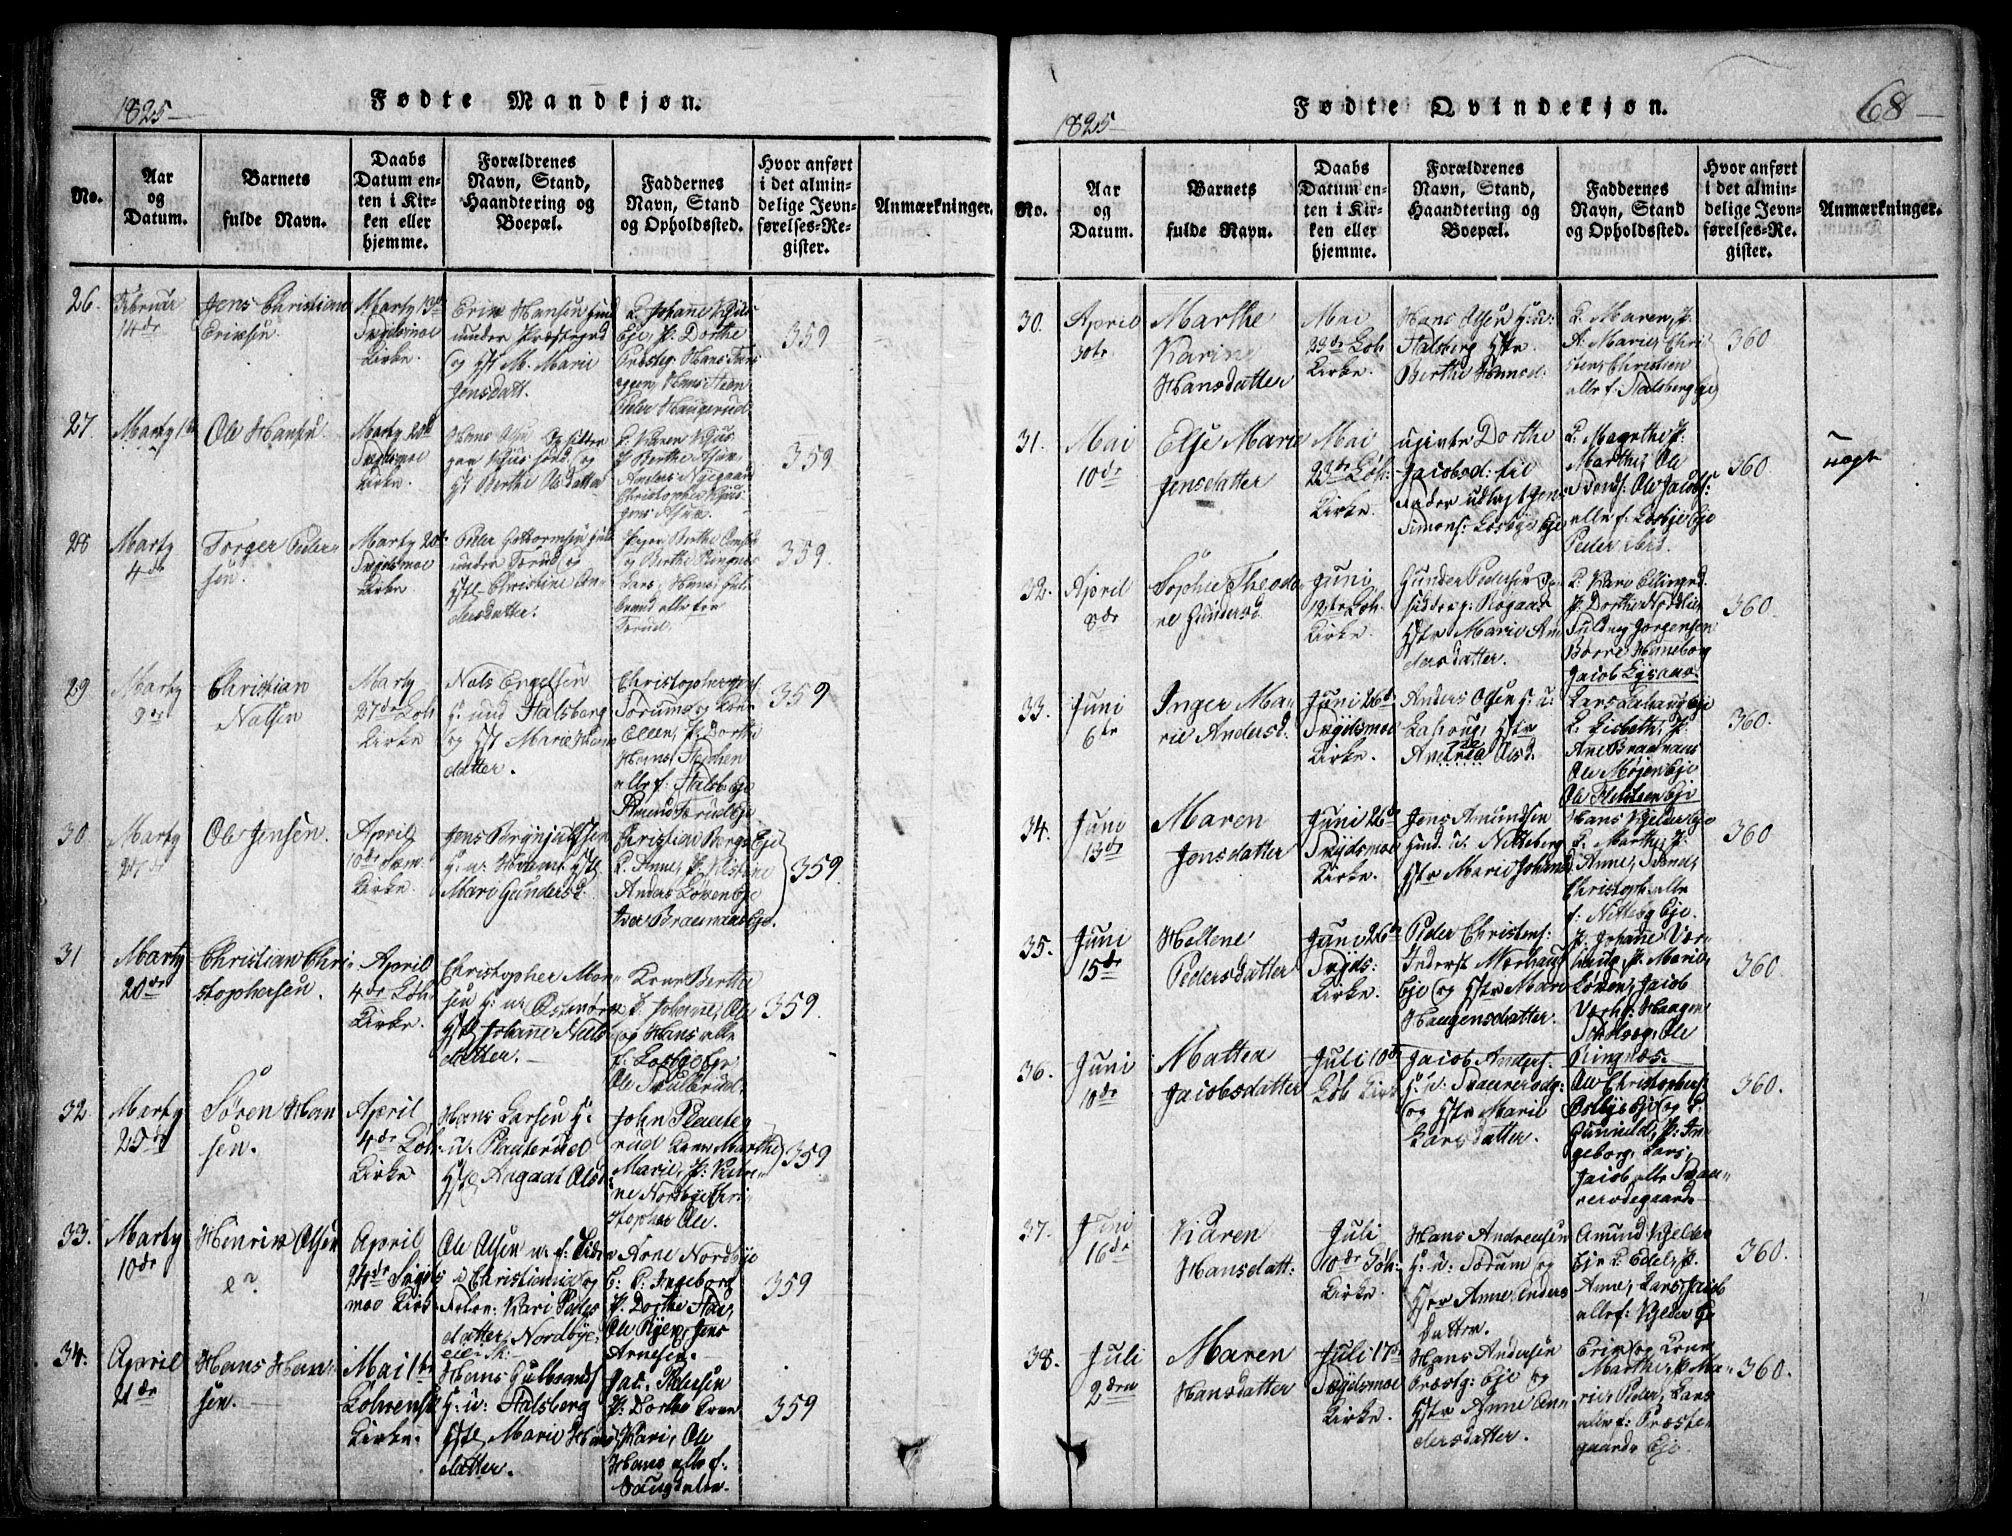 SAO, Skedsmo prestekontor Kirkebøker, F/Fa/L0008: Ministerialbok nr. I 8, 1815-1829, s. 68